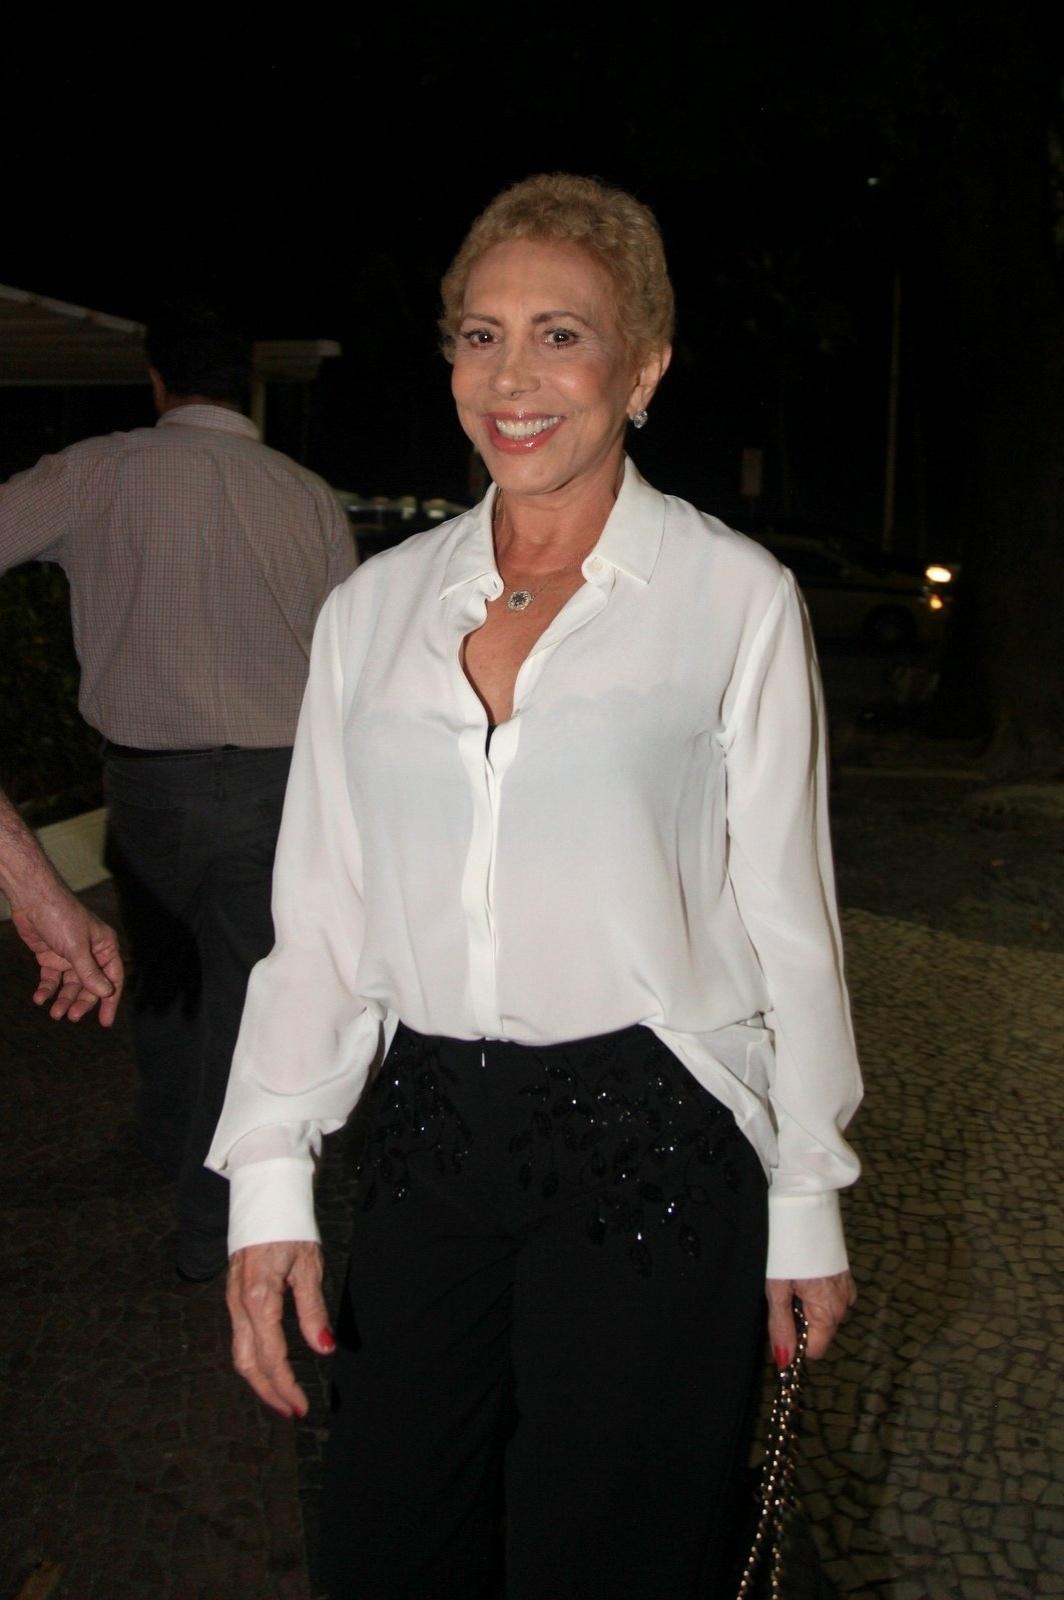 8.dez.2014 - Arlete Salles vai à comemoração de 79 anos de Boni que reuniu vários famosos em um restaurante em Copacabana, na zona sul do Rio de Janeiro, nesta segunda-feira